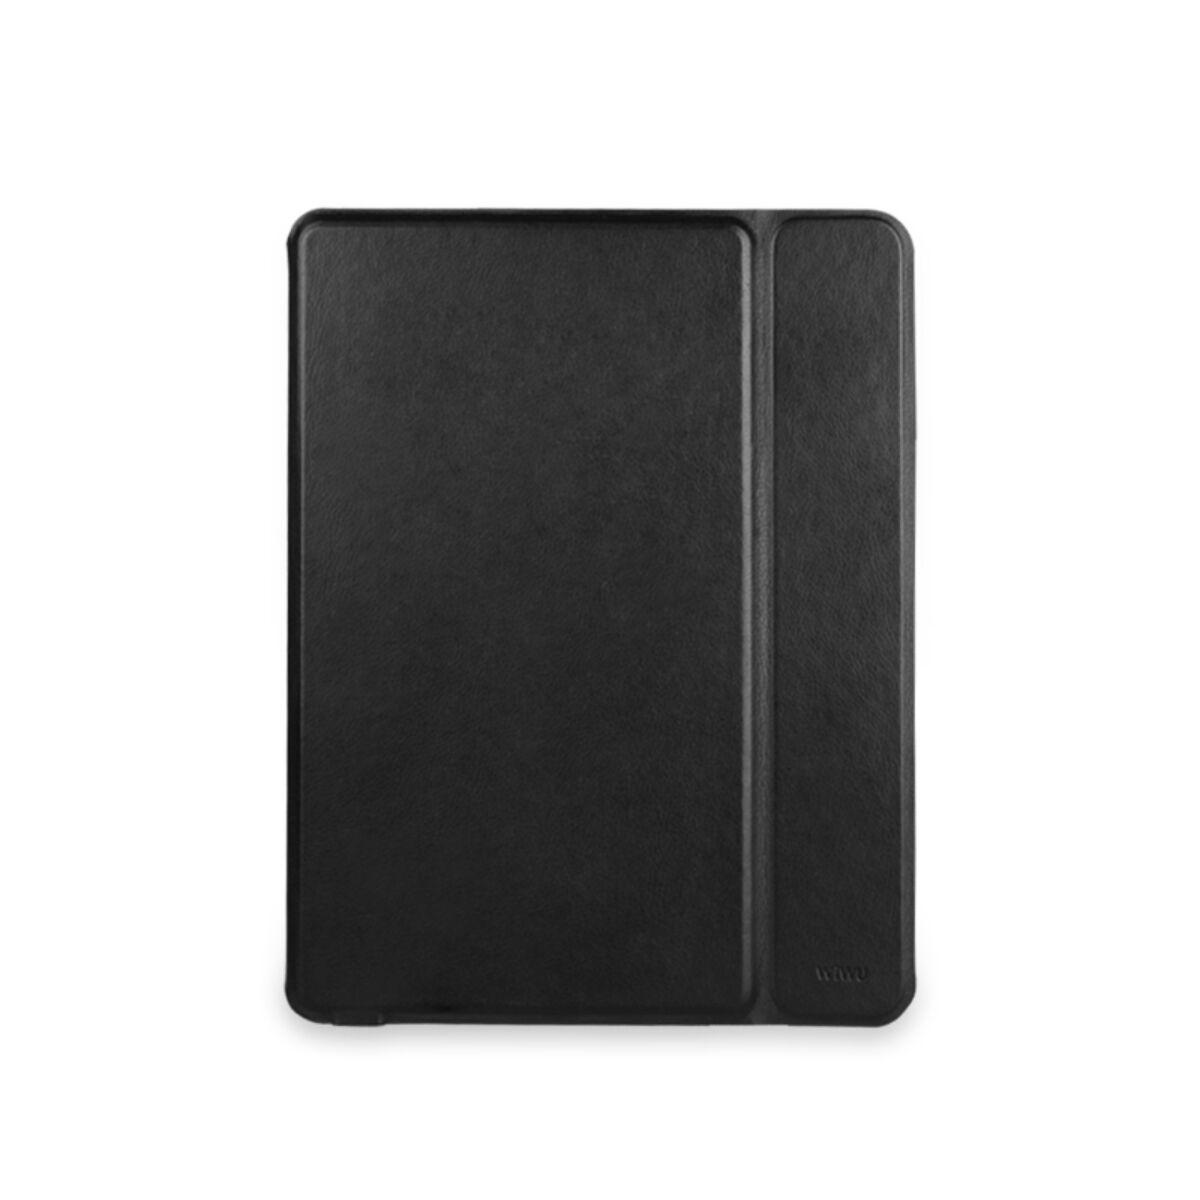 WiWU iPad 9.7 (2017/18) mágneses tok és ceruza tartó, fekete